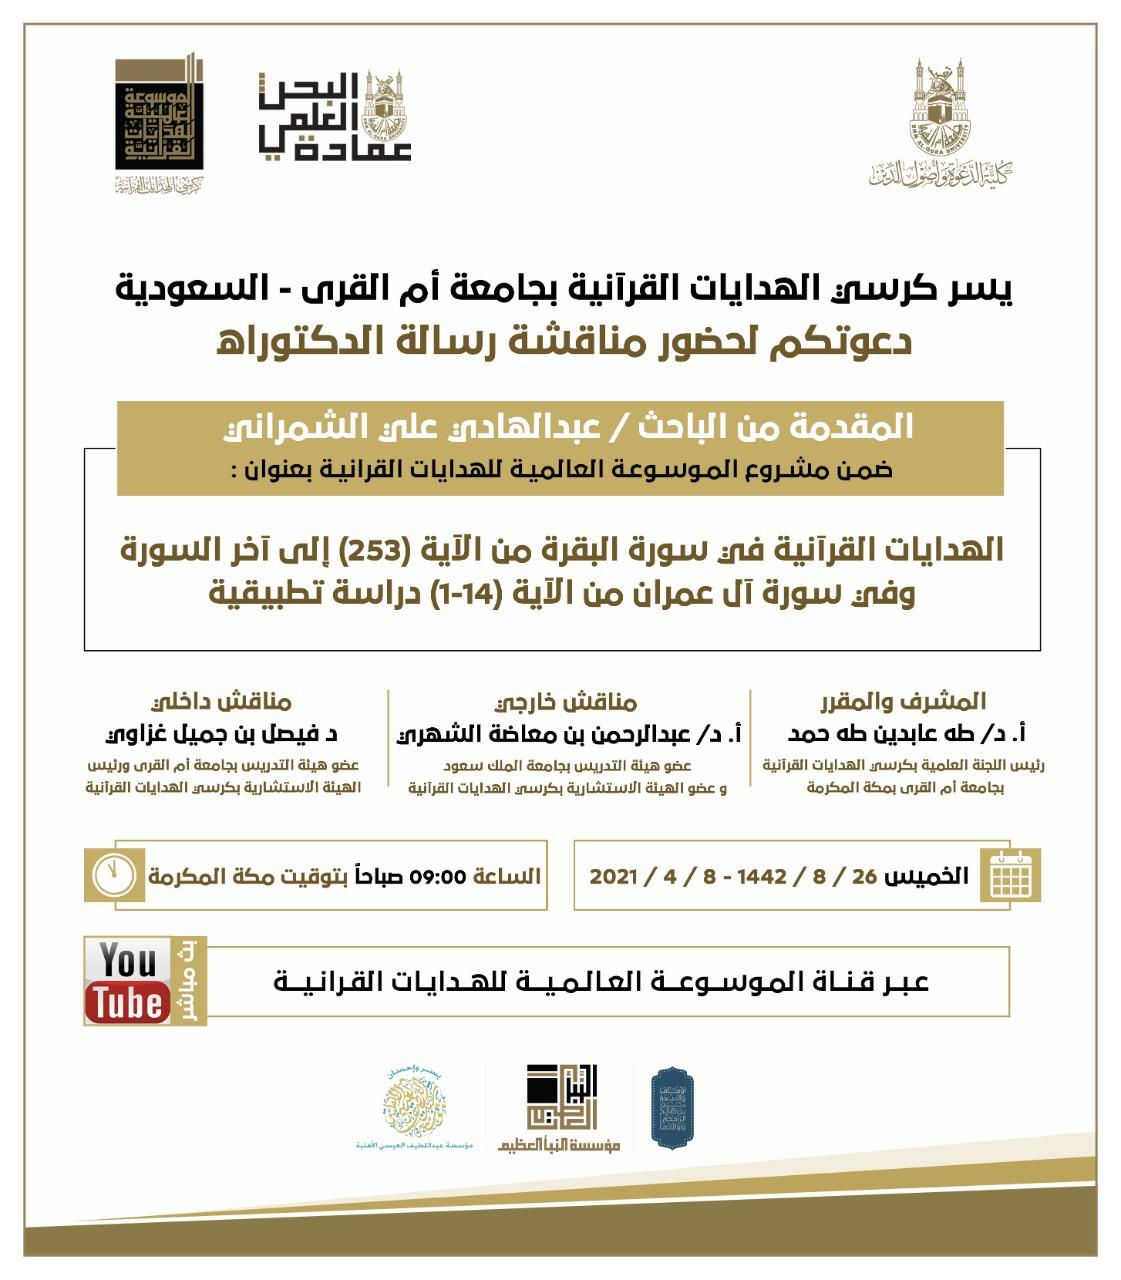 إعلان موعد مناقشة المشروع البحثي من الموسوعة العالمية للهدايات القرآنية